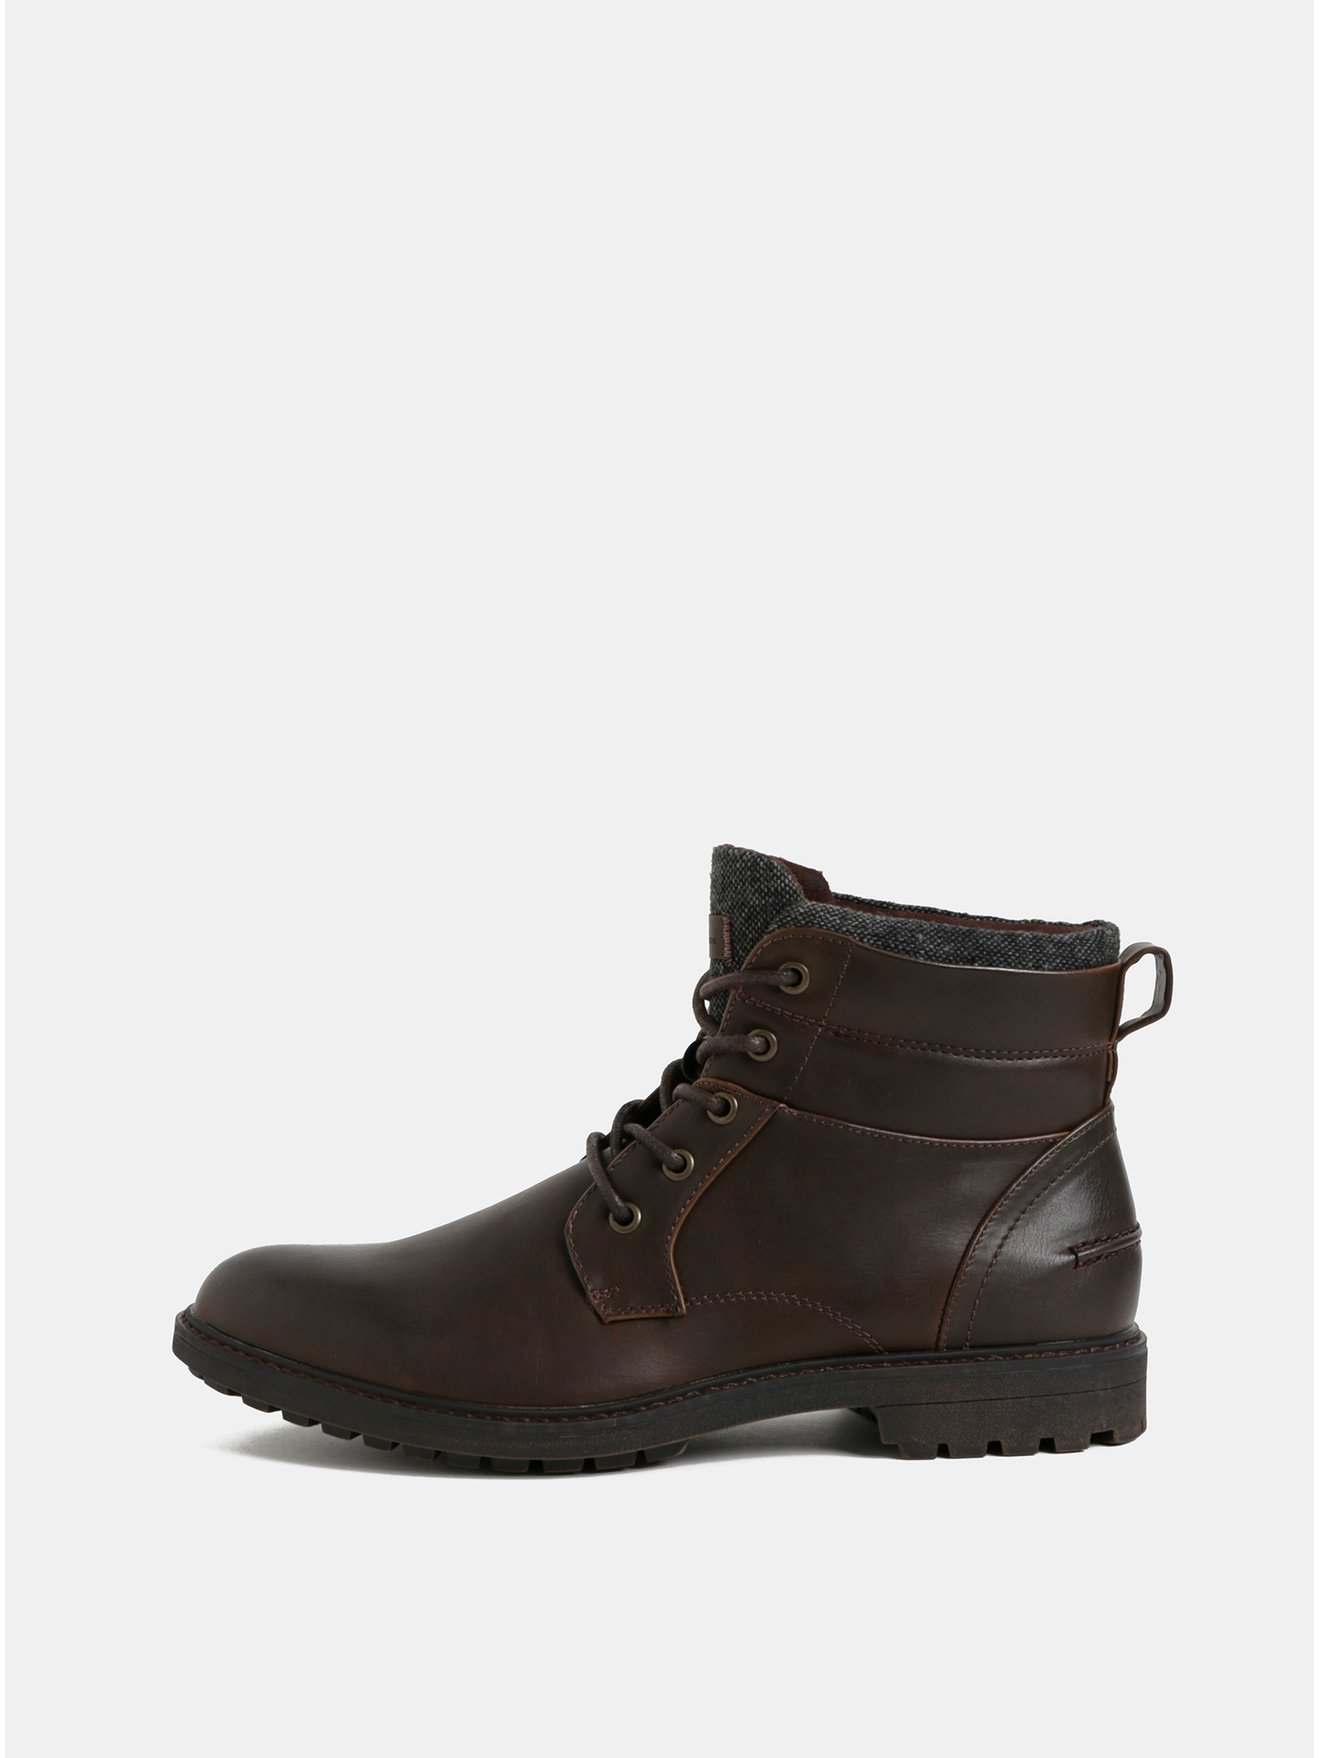 Tmavě hnědé kotníkové boty Burton Menswear London Macbeth